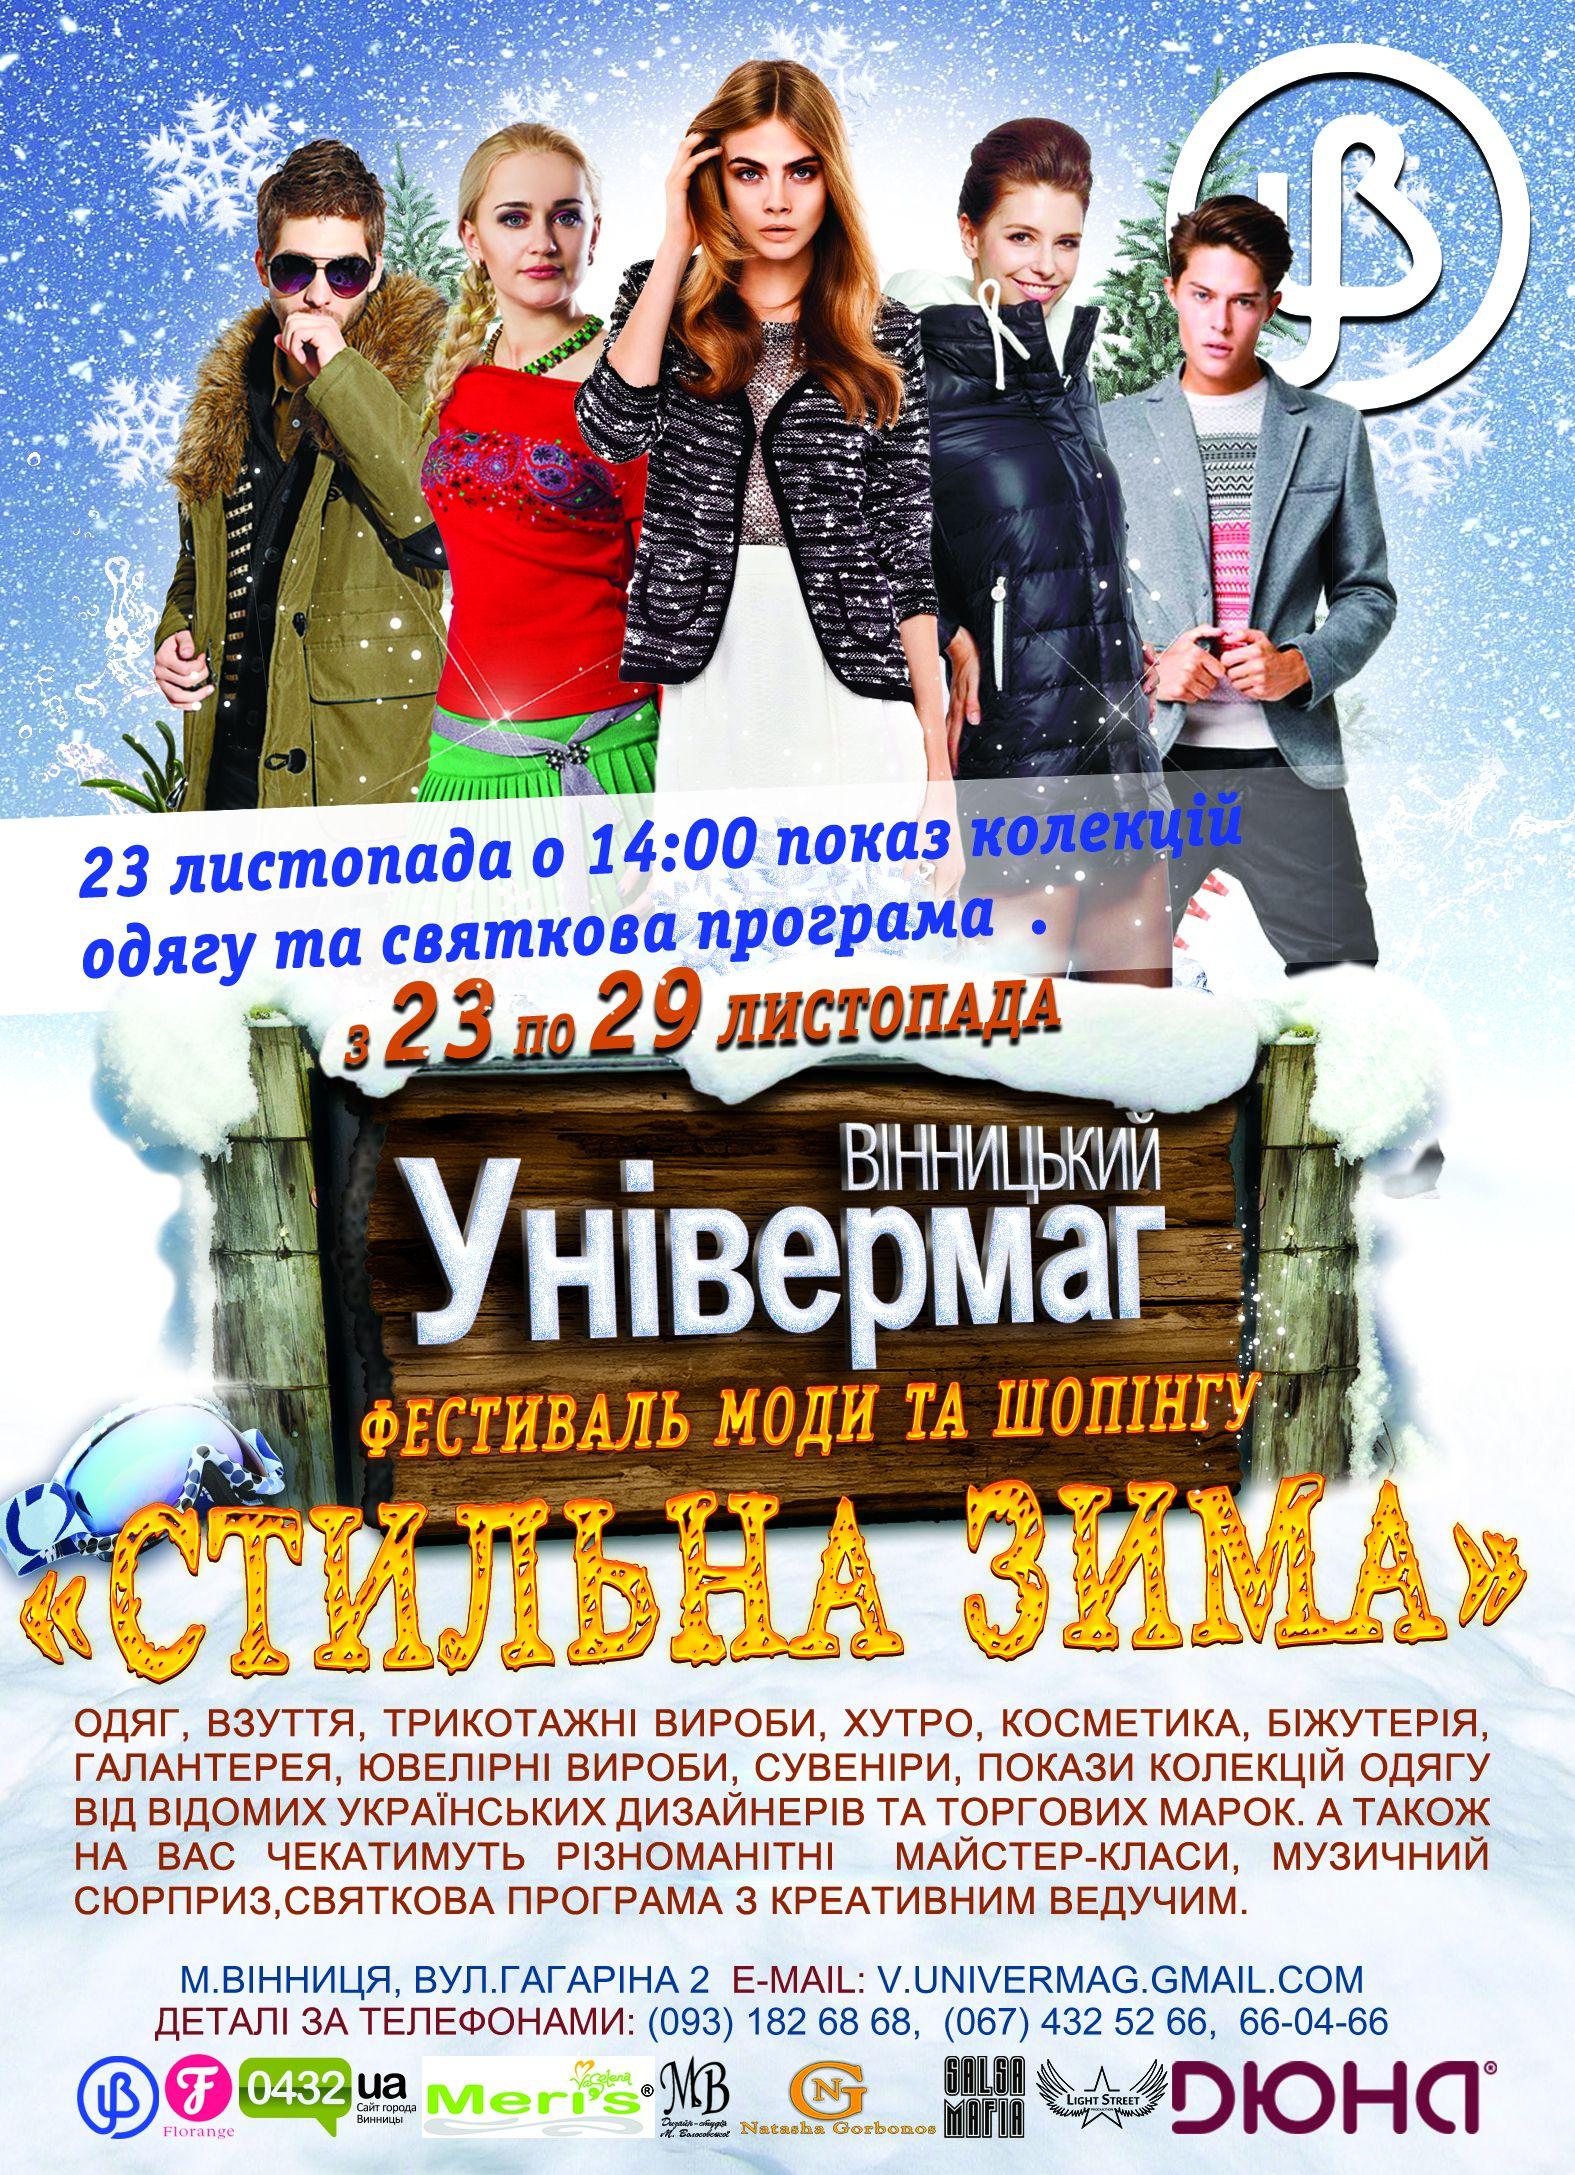 Всеукраїнський фестиваль моди та шопінгу у Вінницькому універмазі (НА  ПРАВАХ РЕКЛАМИ)   05 11 2014 - vn.20minut.ua 705d610265bd3